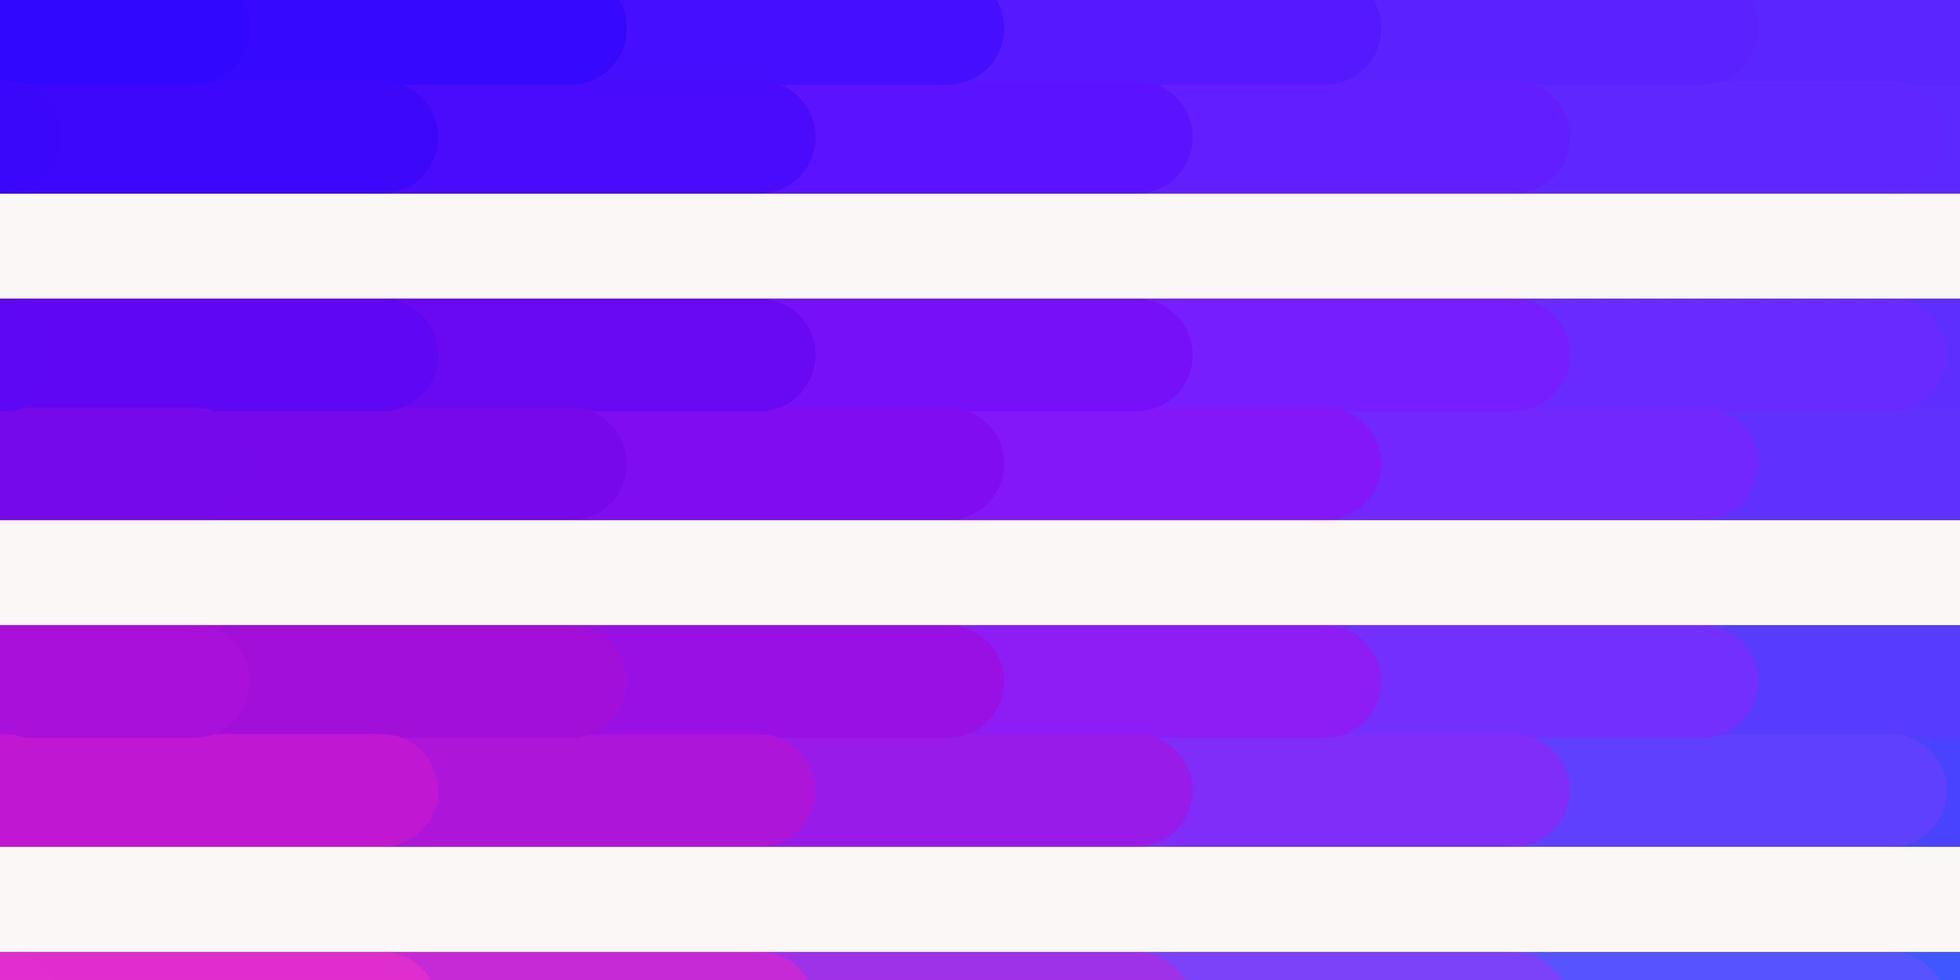 lichtroze, blauwe vectorlay-out met lijnen. vector